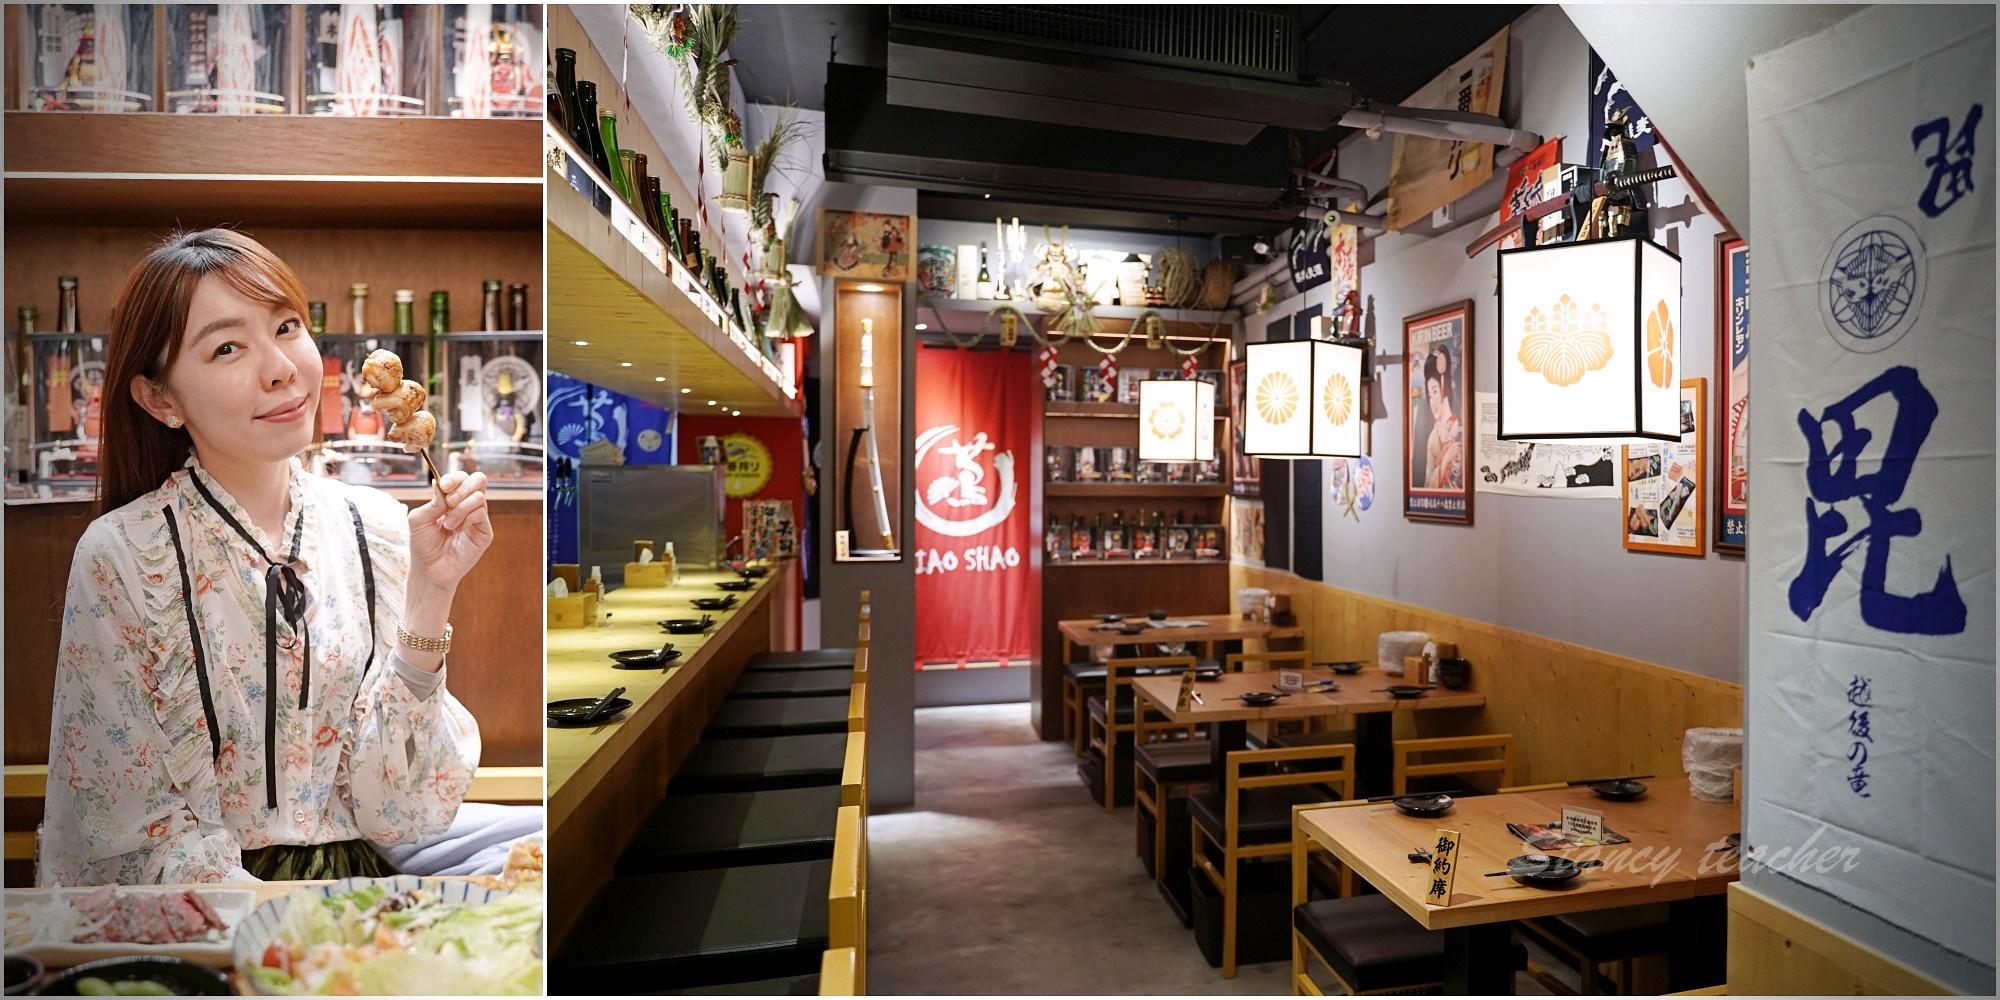 蔦燒日式居酒屋石牌店|石牌居酒屋|石牌夜市日本料理|北投泡溫泉結束後最棒的晚餐宵夜場(菜單、價格)|